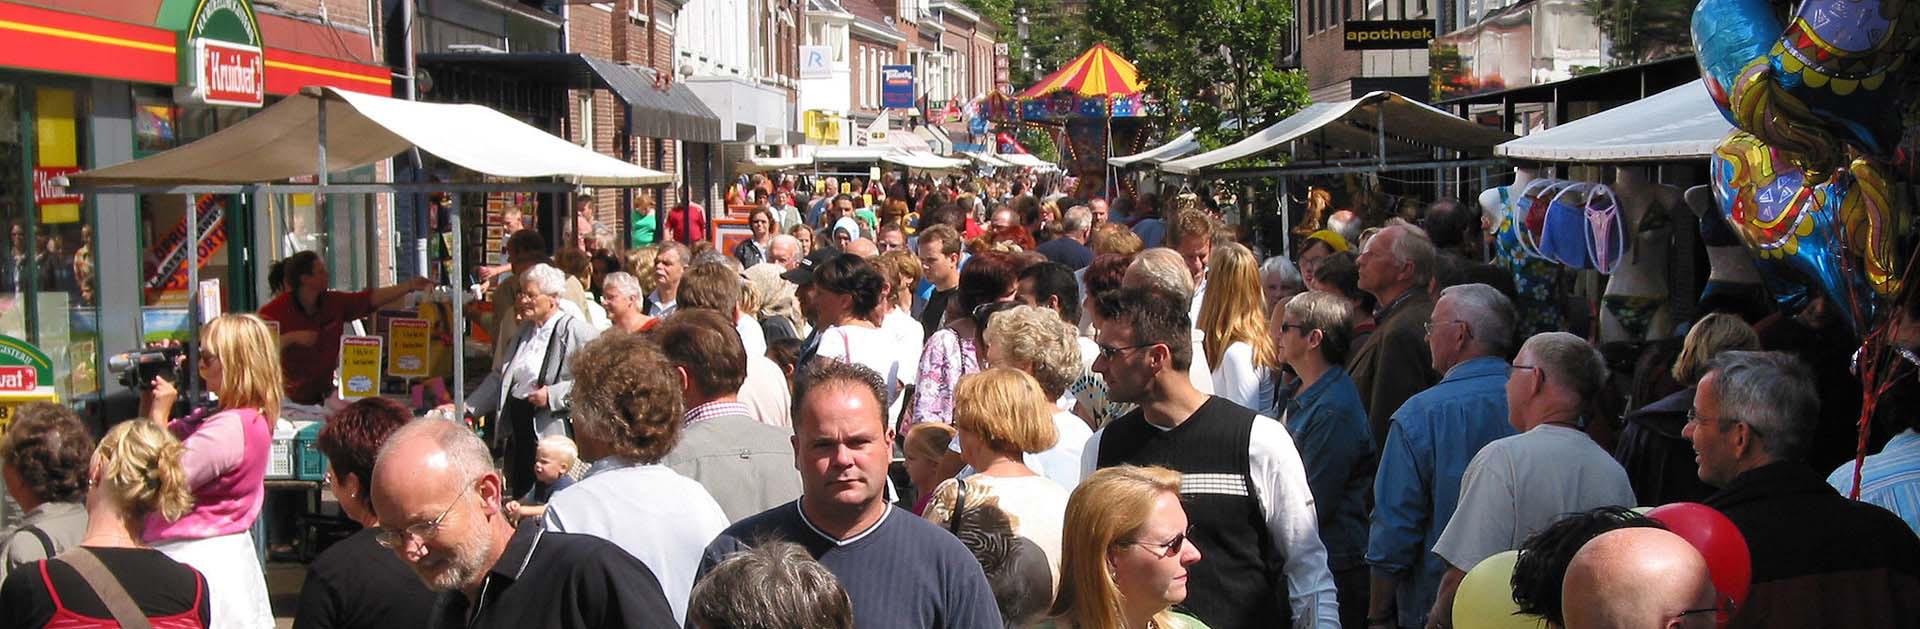 Jaarmarkten Braderieën Achterhoek - Liemers